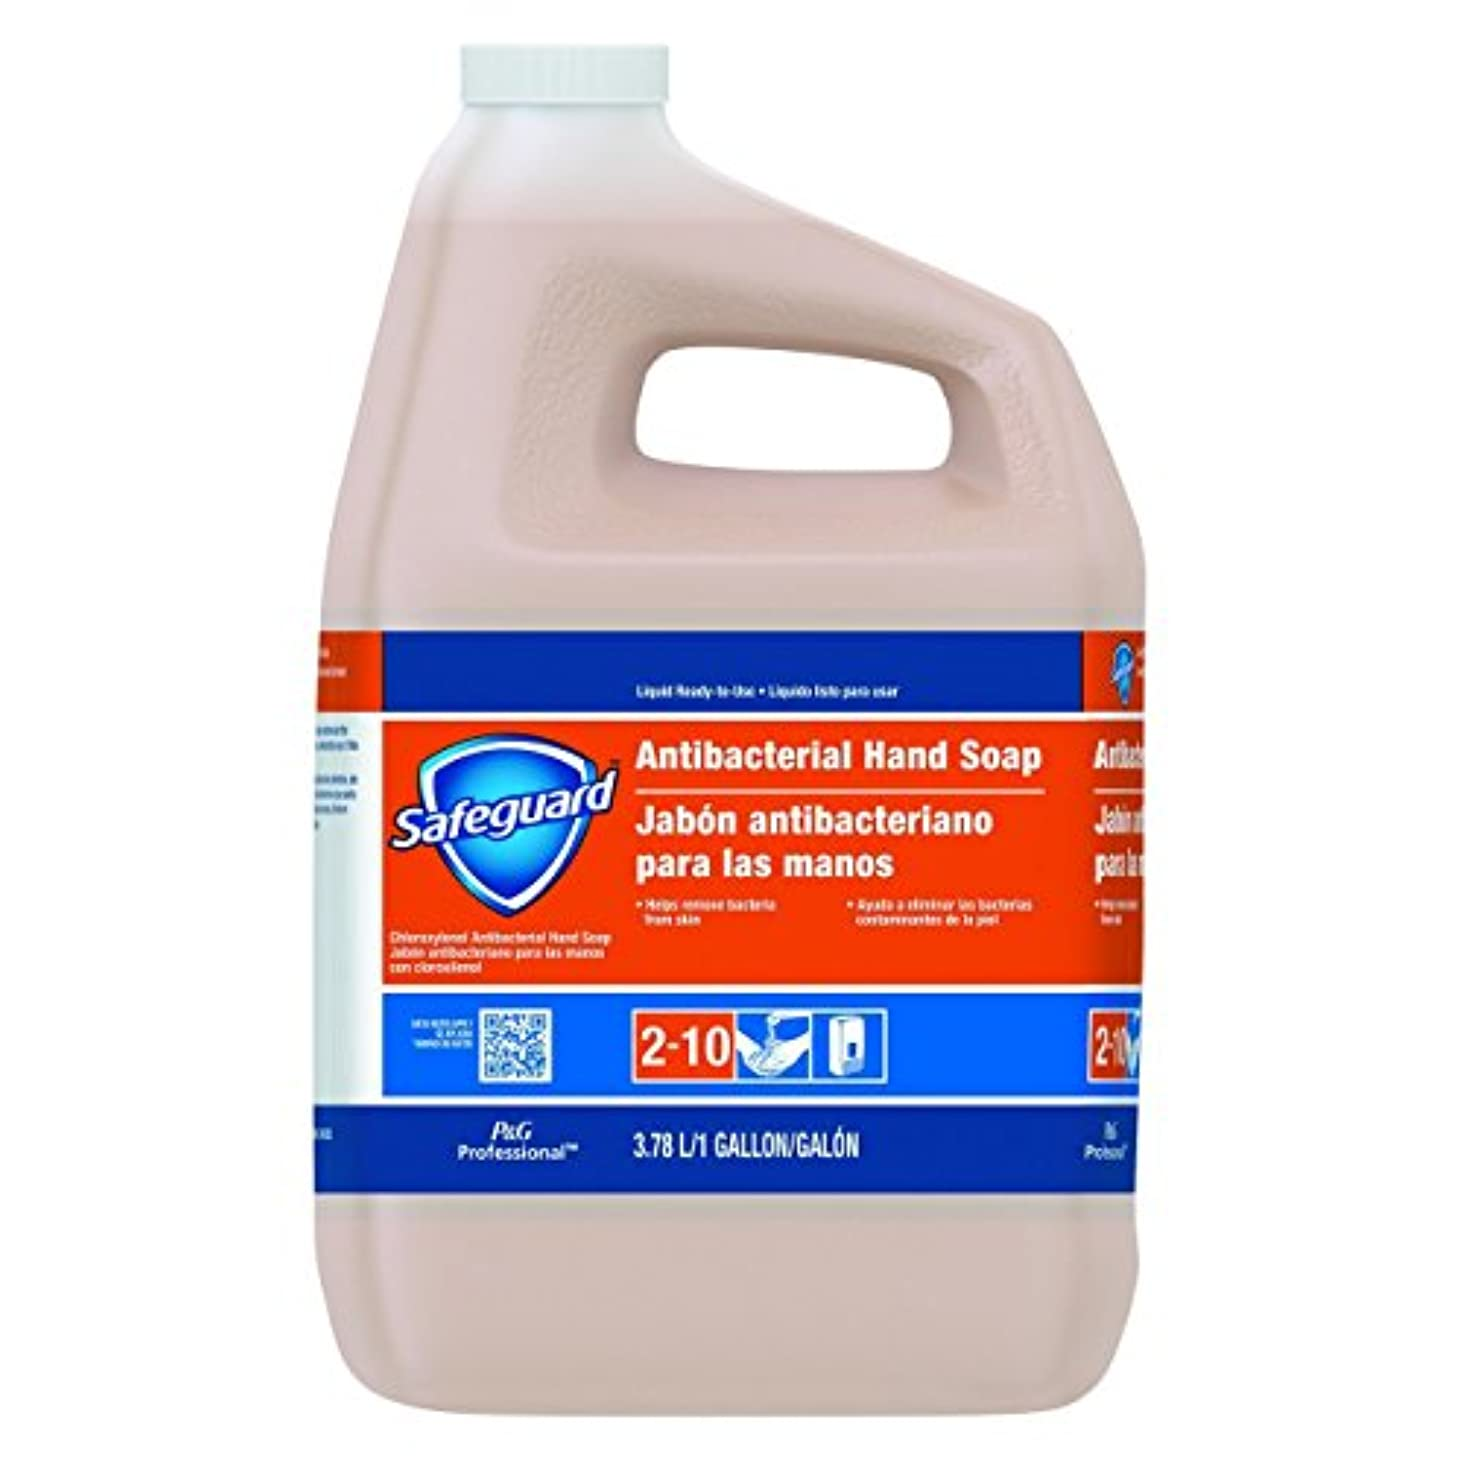 起きる厄介なバイオリンSafeguard抗菌Liquid Hand Soap , 1 galボトル、2 /カートン